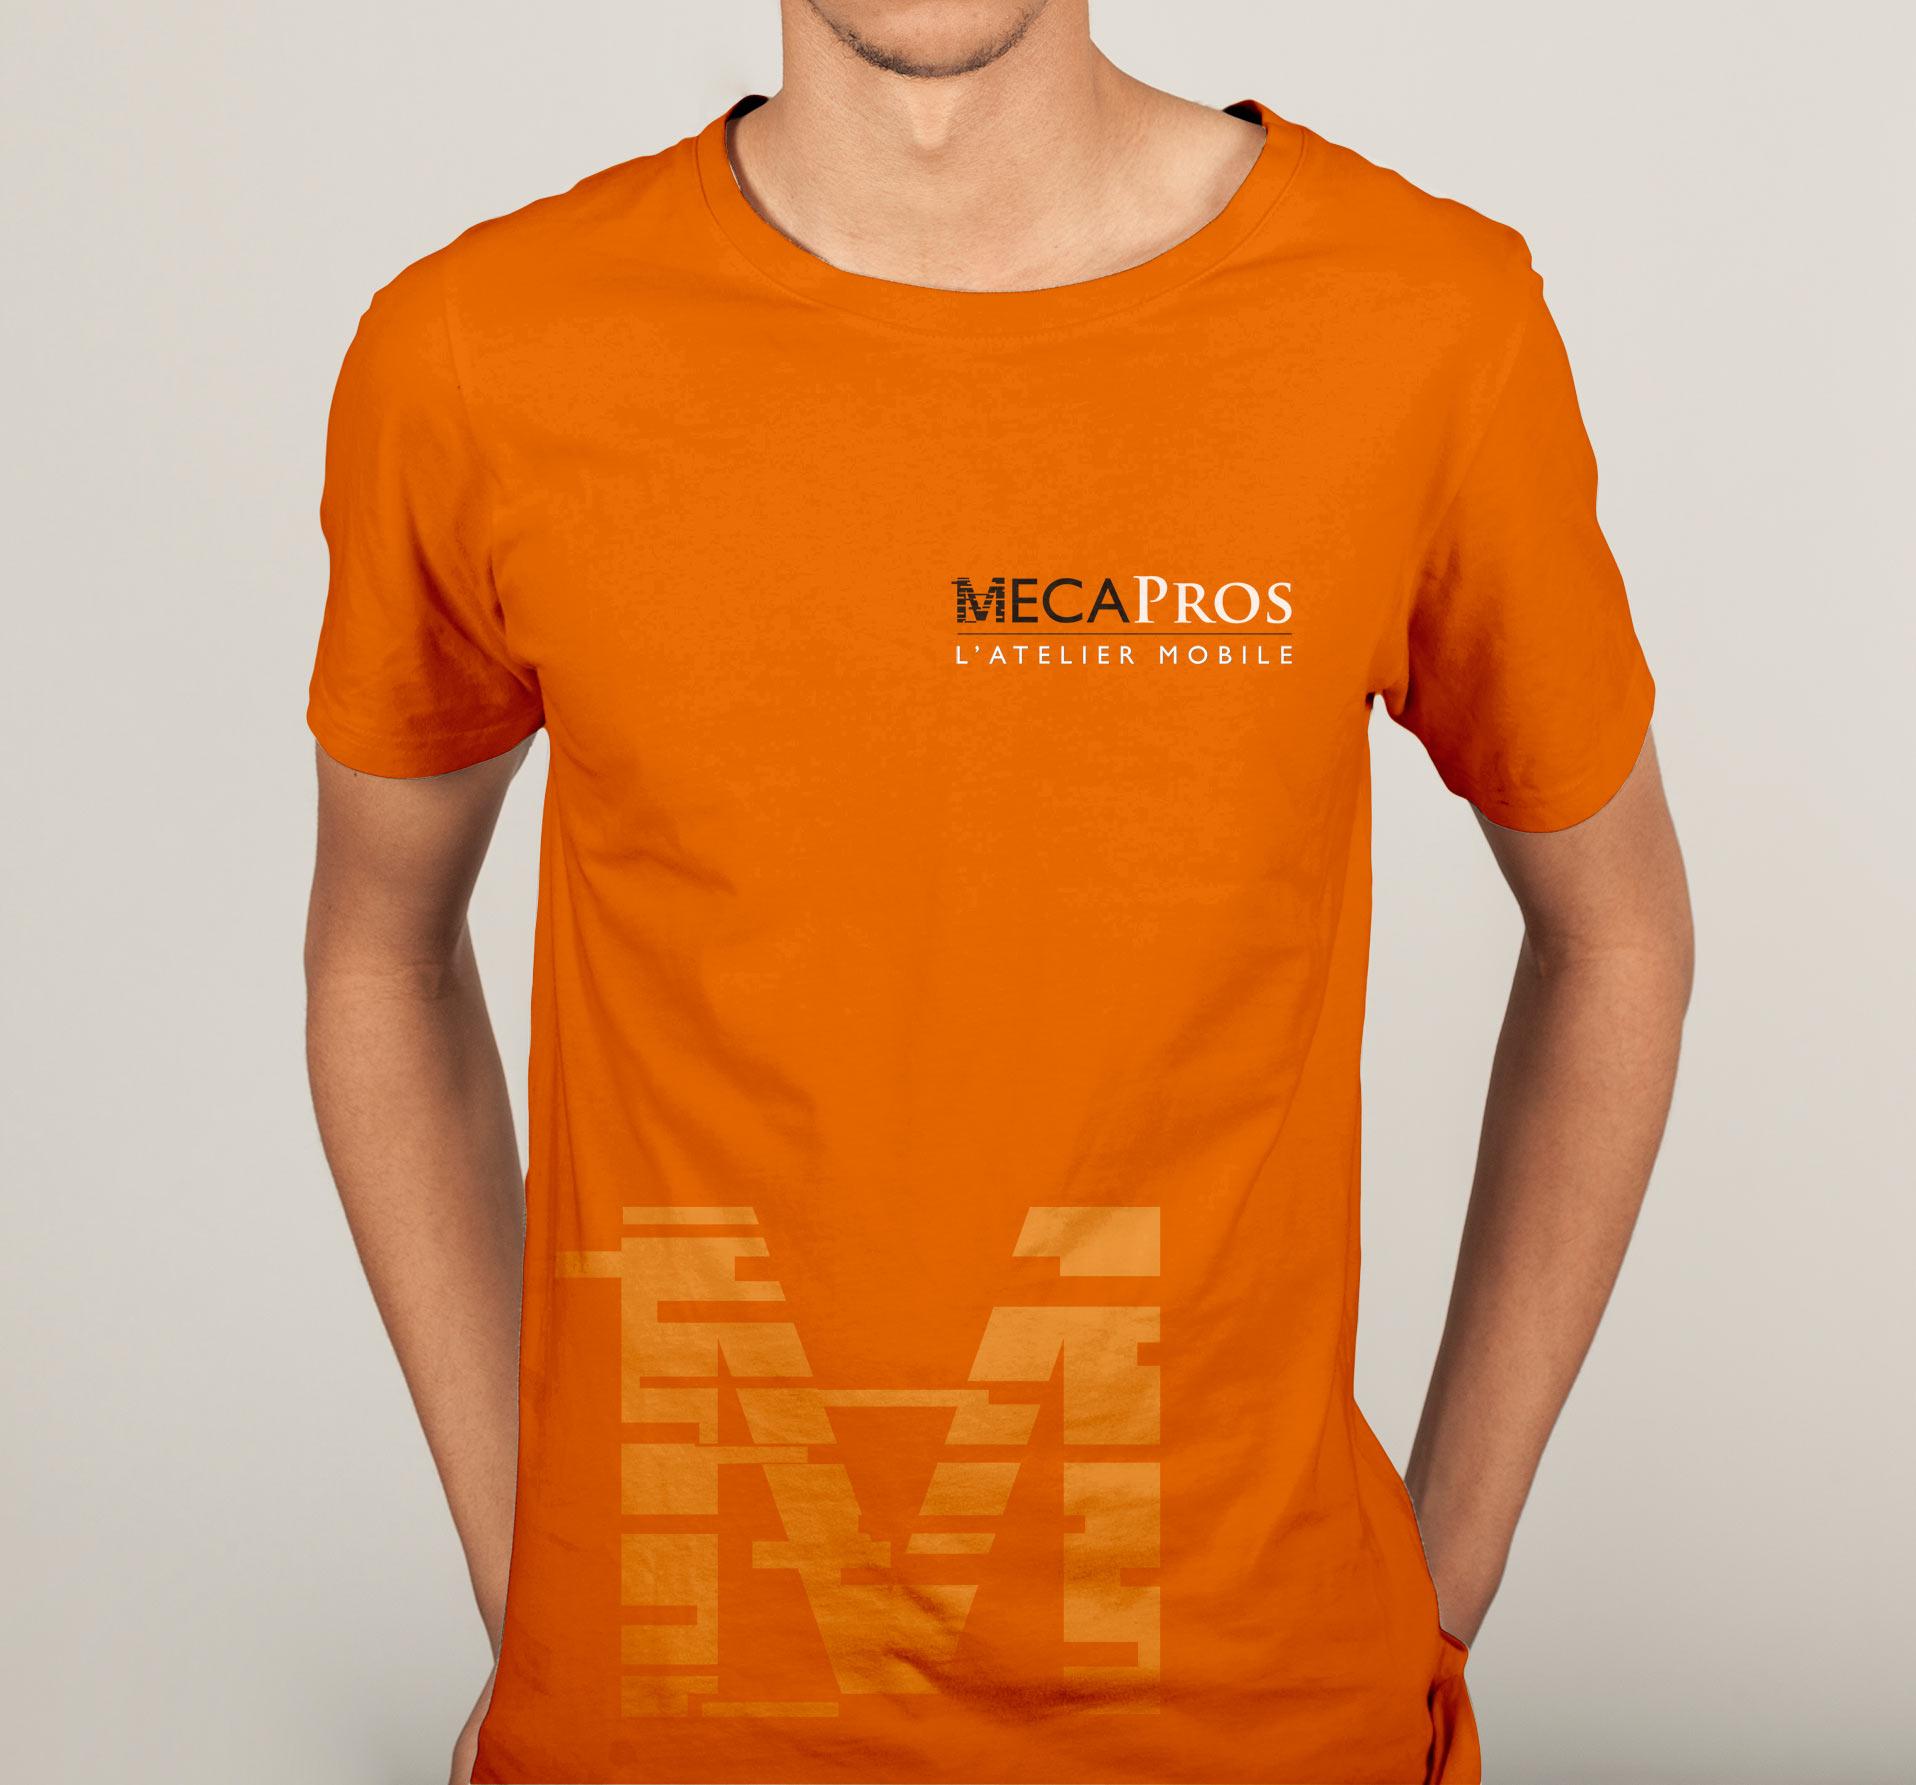 Meca-pros_Tshirt_1